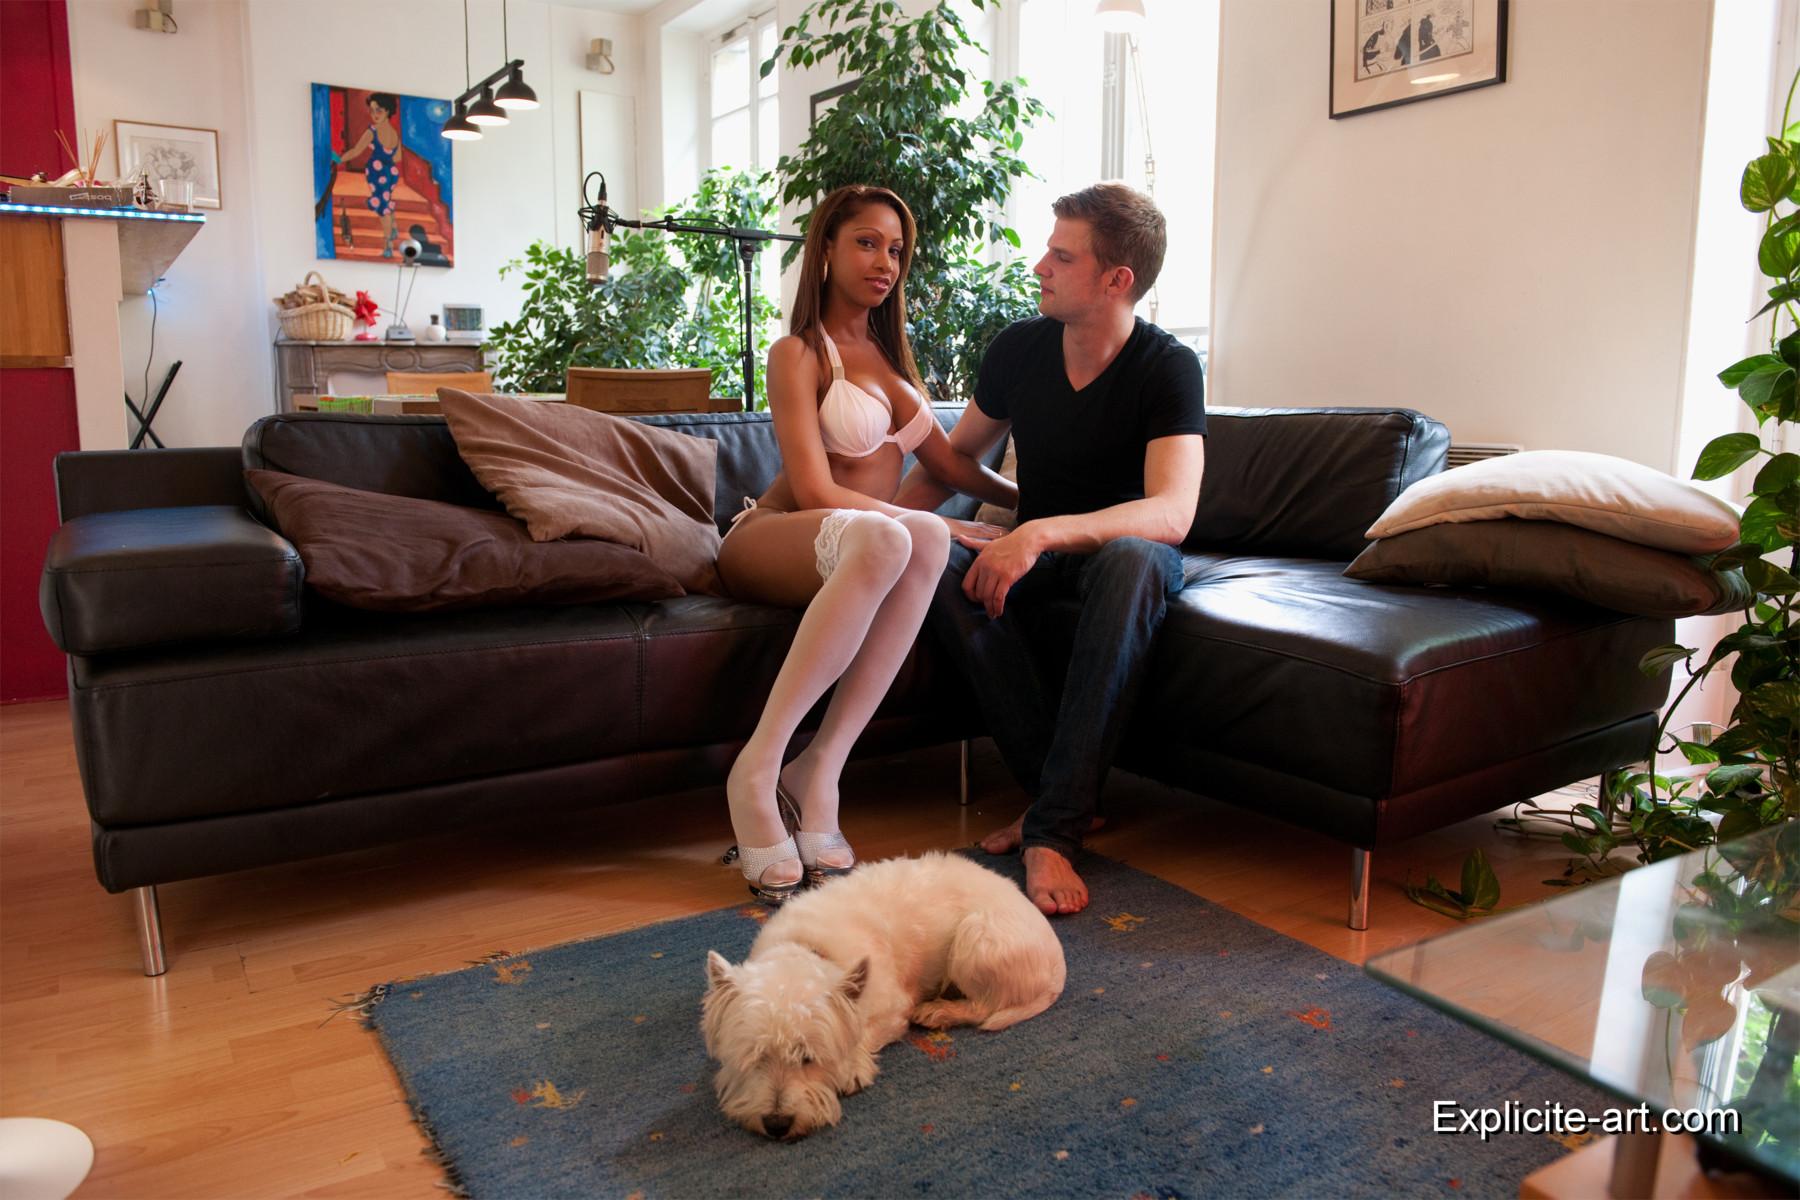 le sexe de la scène video sexe parfait